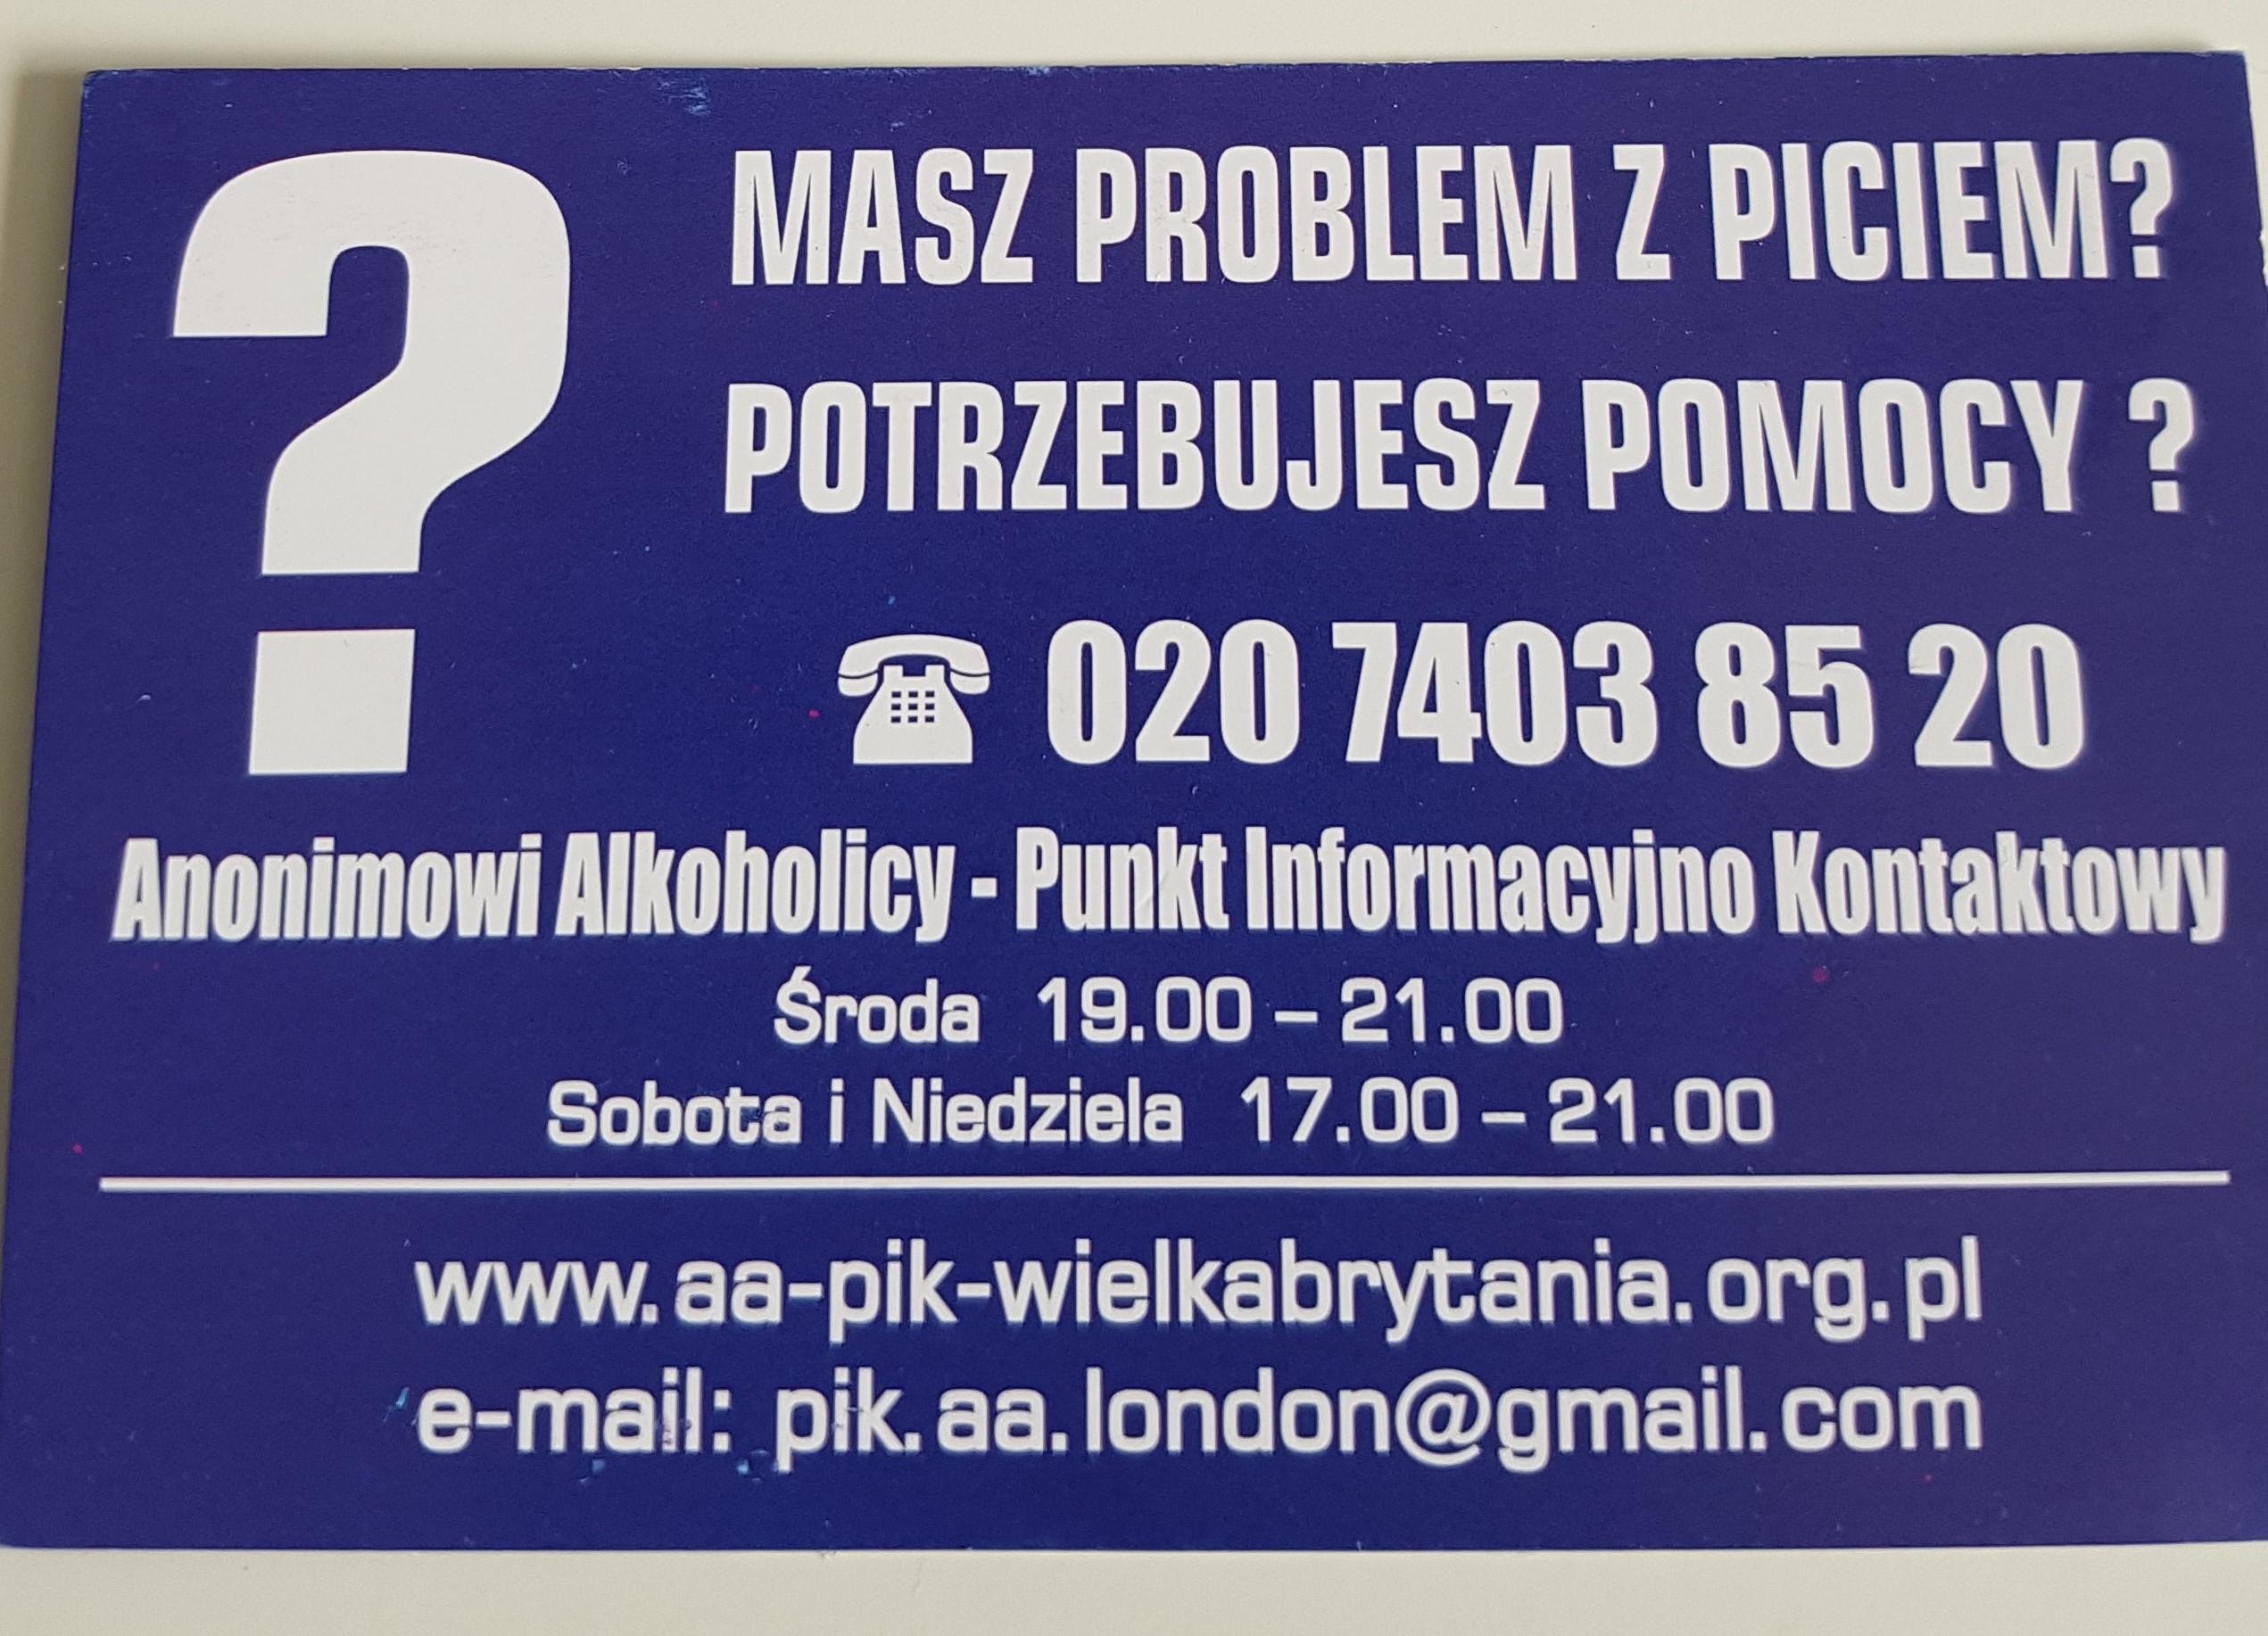 Polish AA Polish